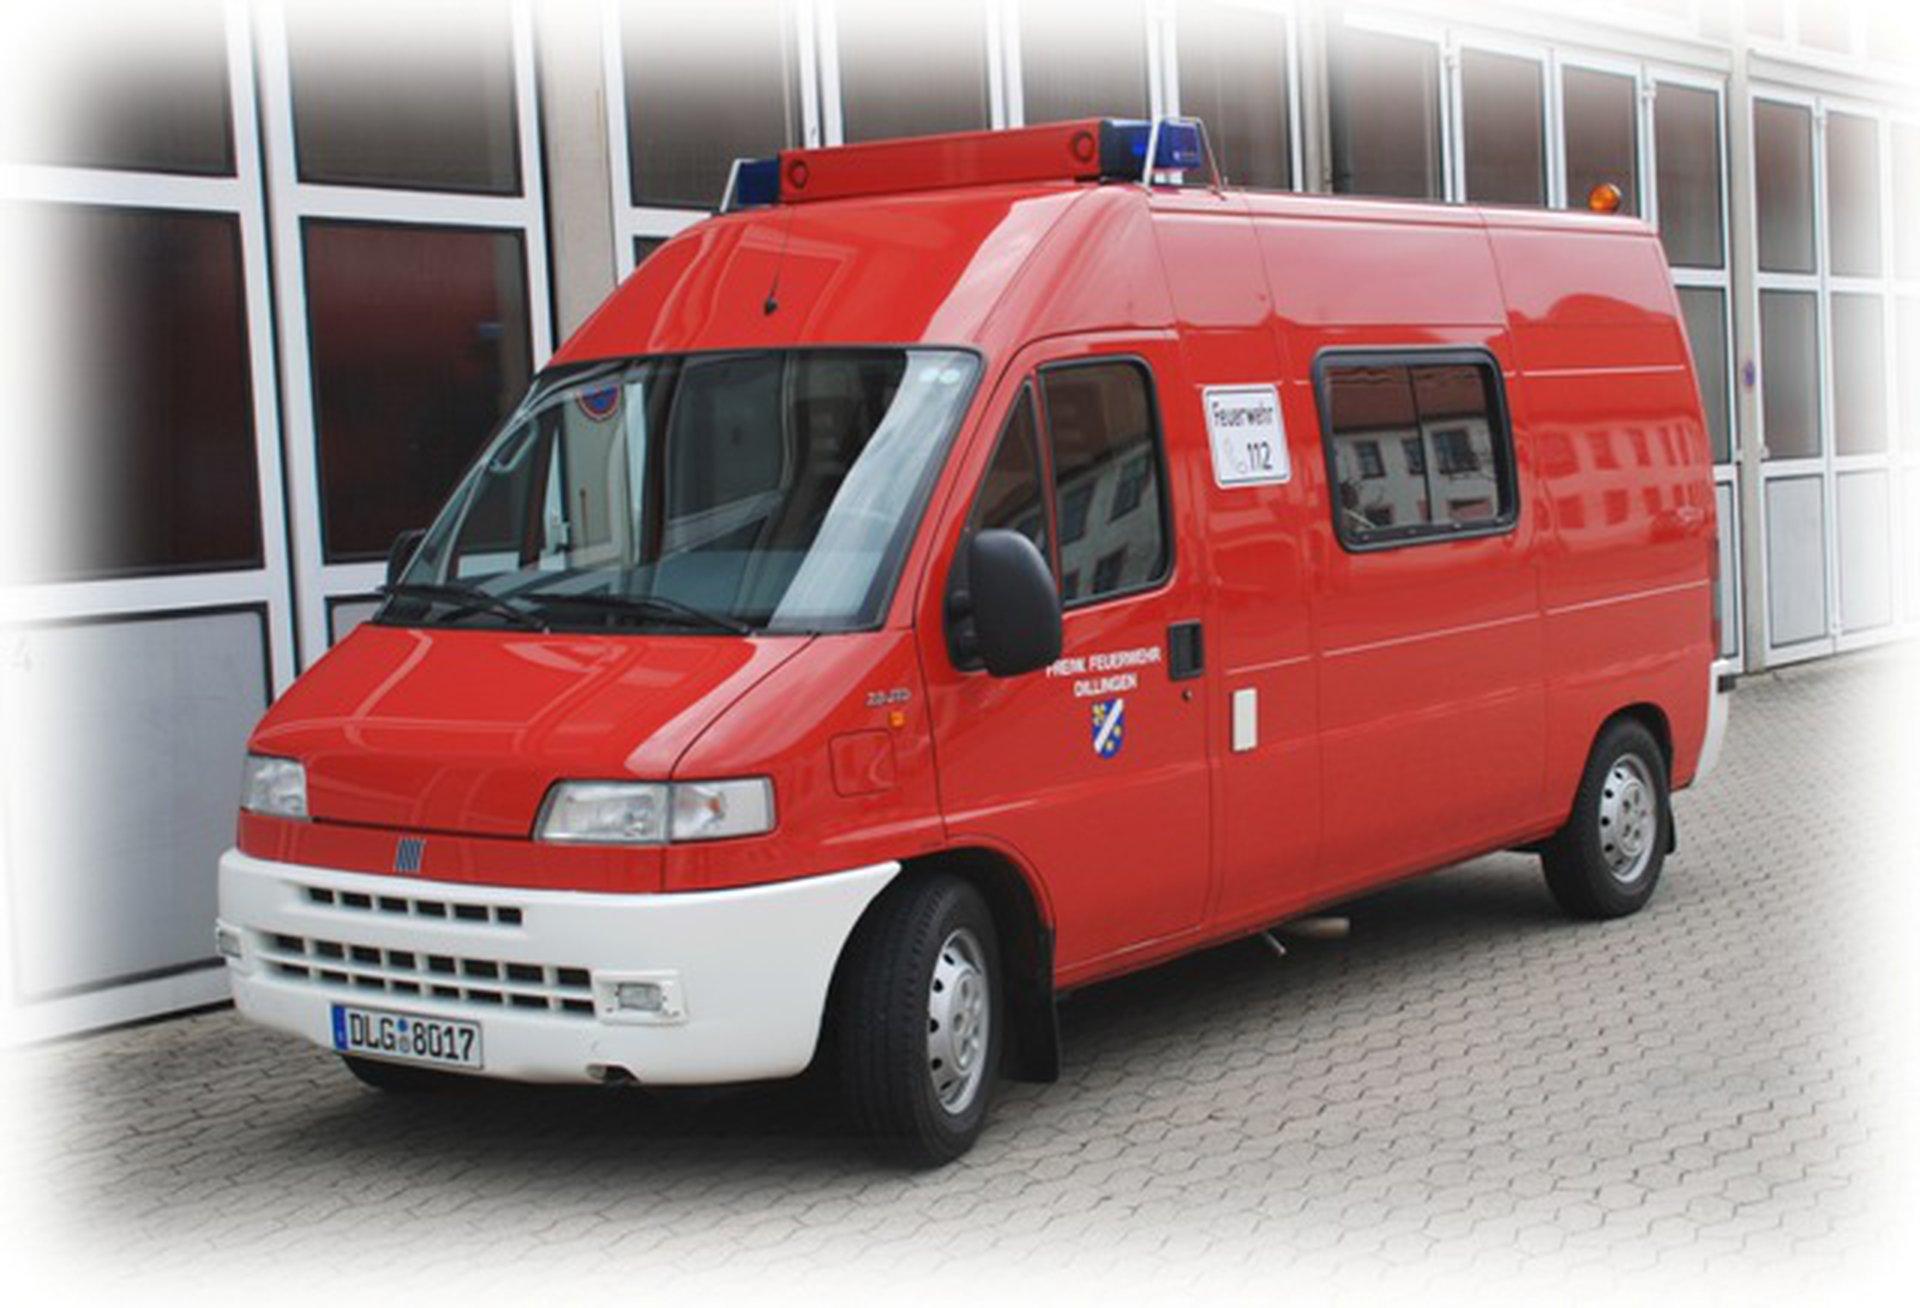 A D Tlf Me 2480 Der Feuerwehr Erkrath: Freiwillige Feuerwehr Dillingen A.d.Donau